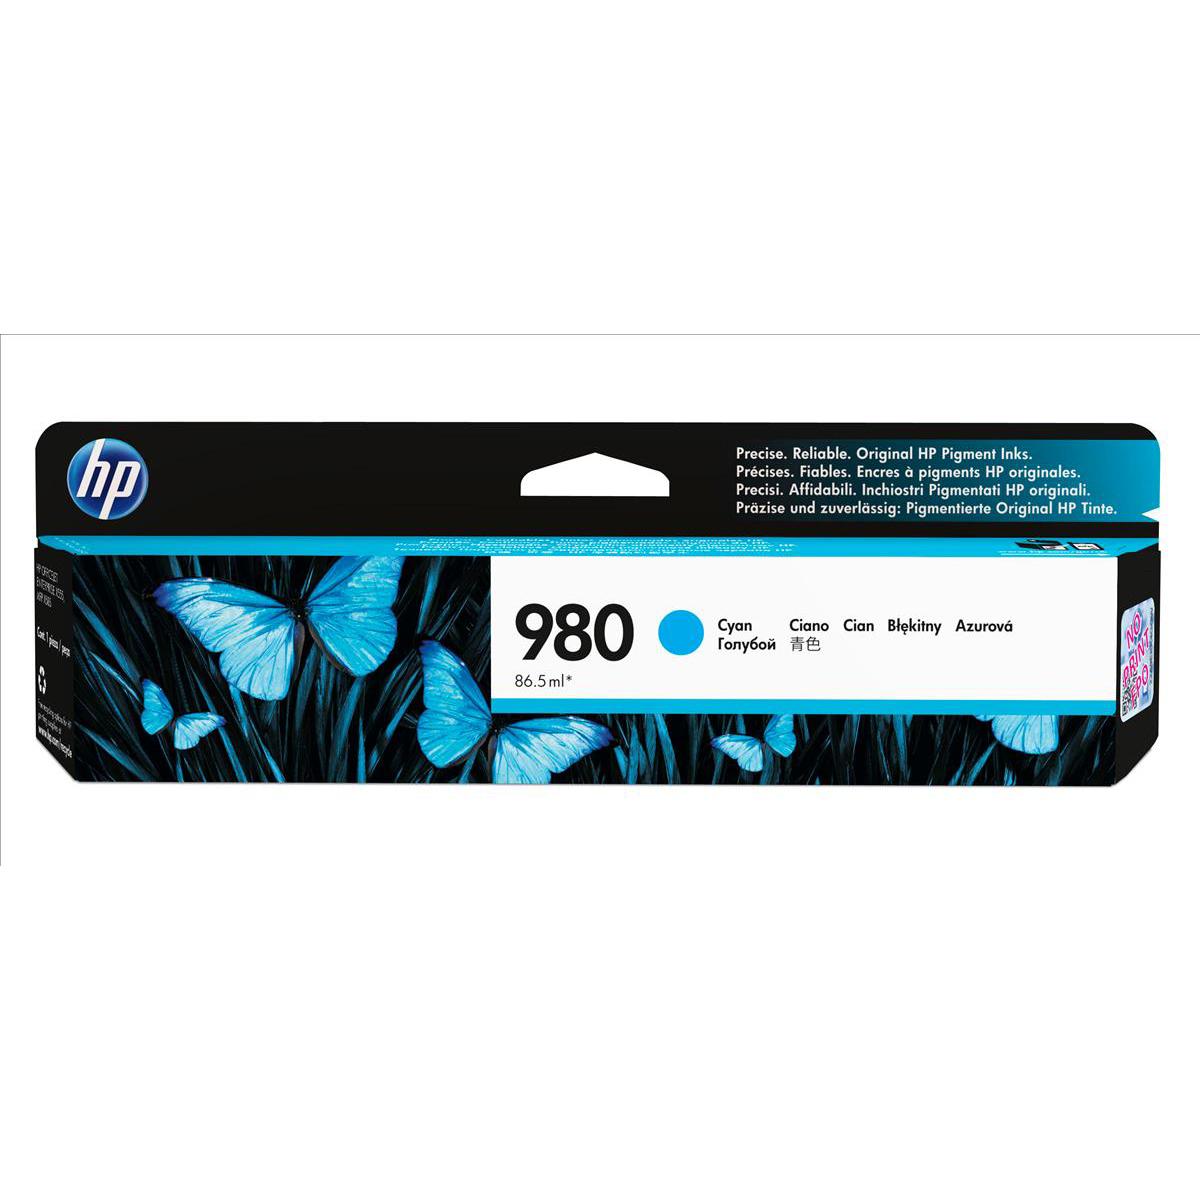 HP 980 Cyan Ink Cartridge D8J07A